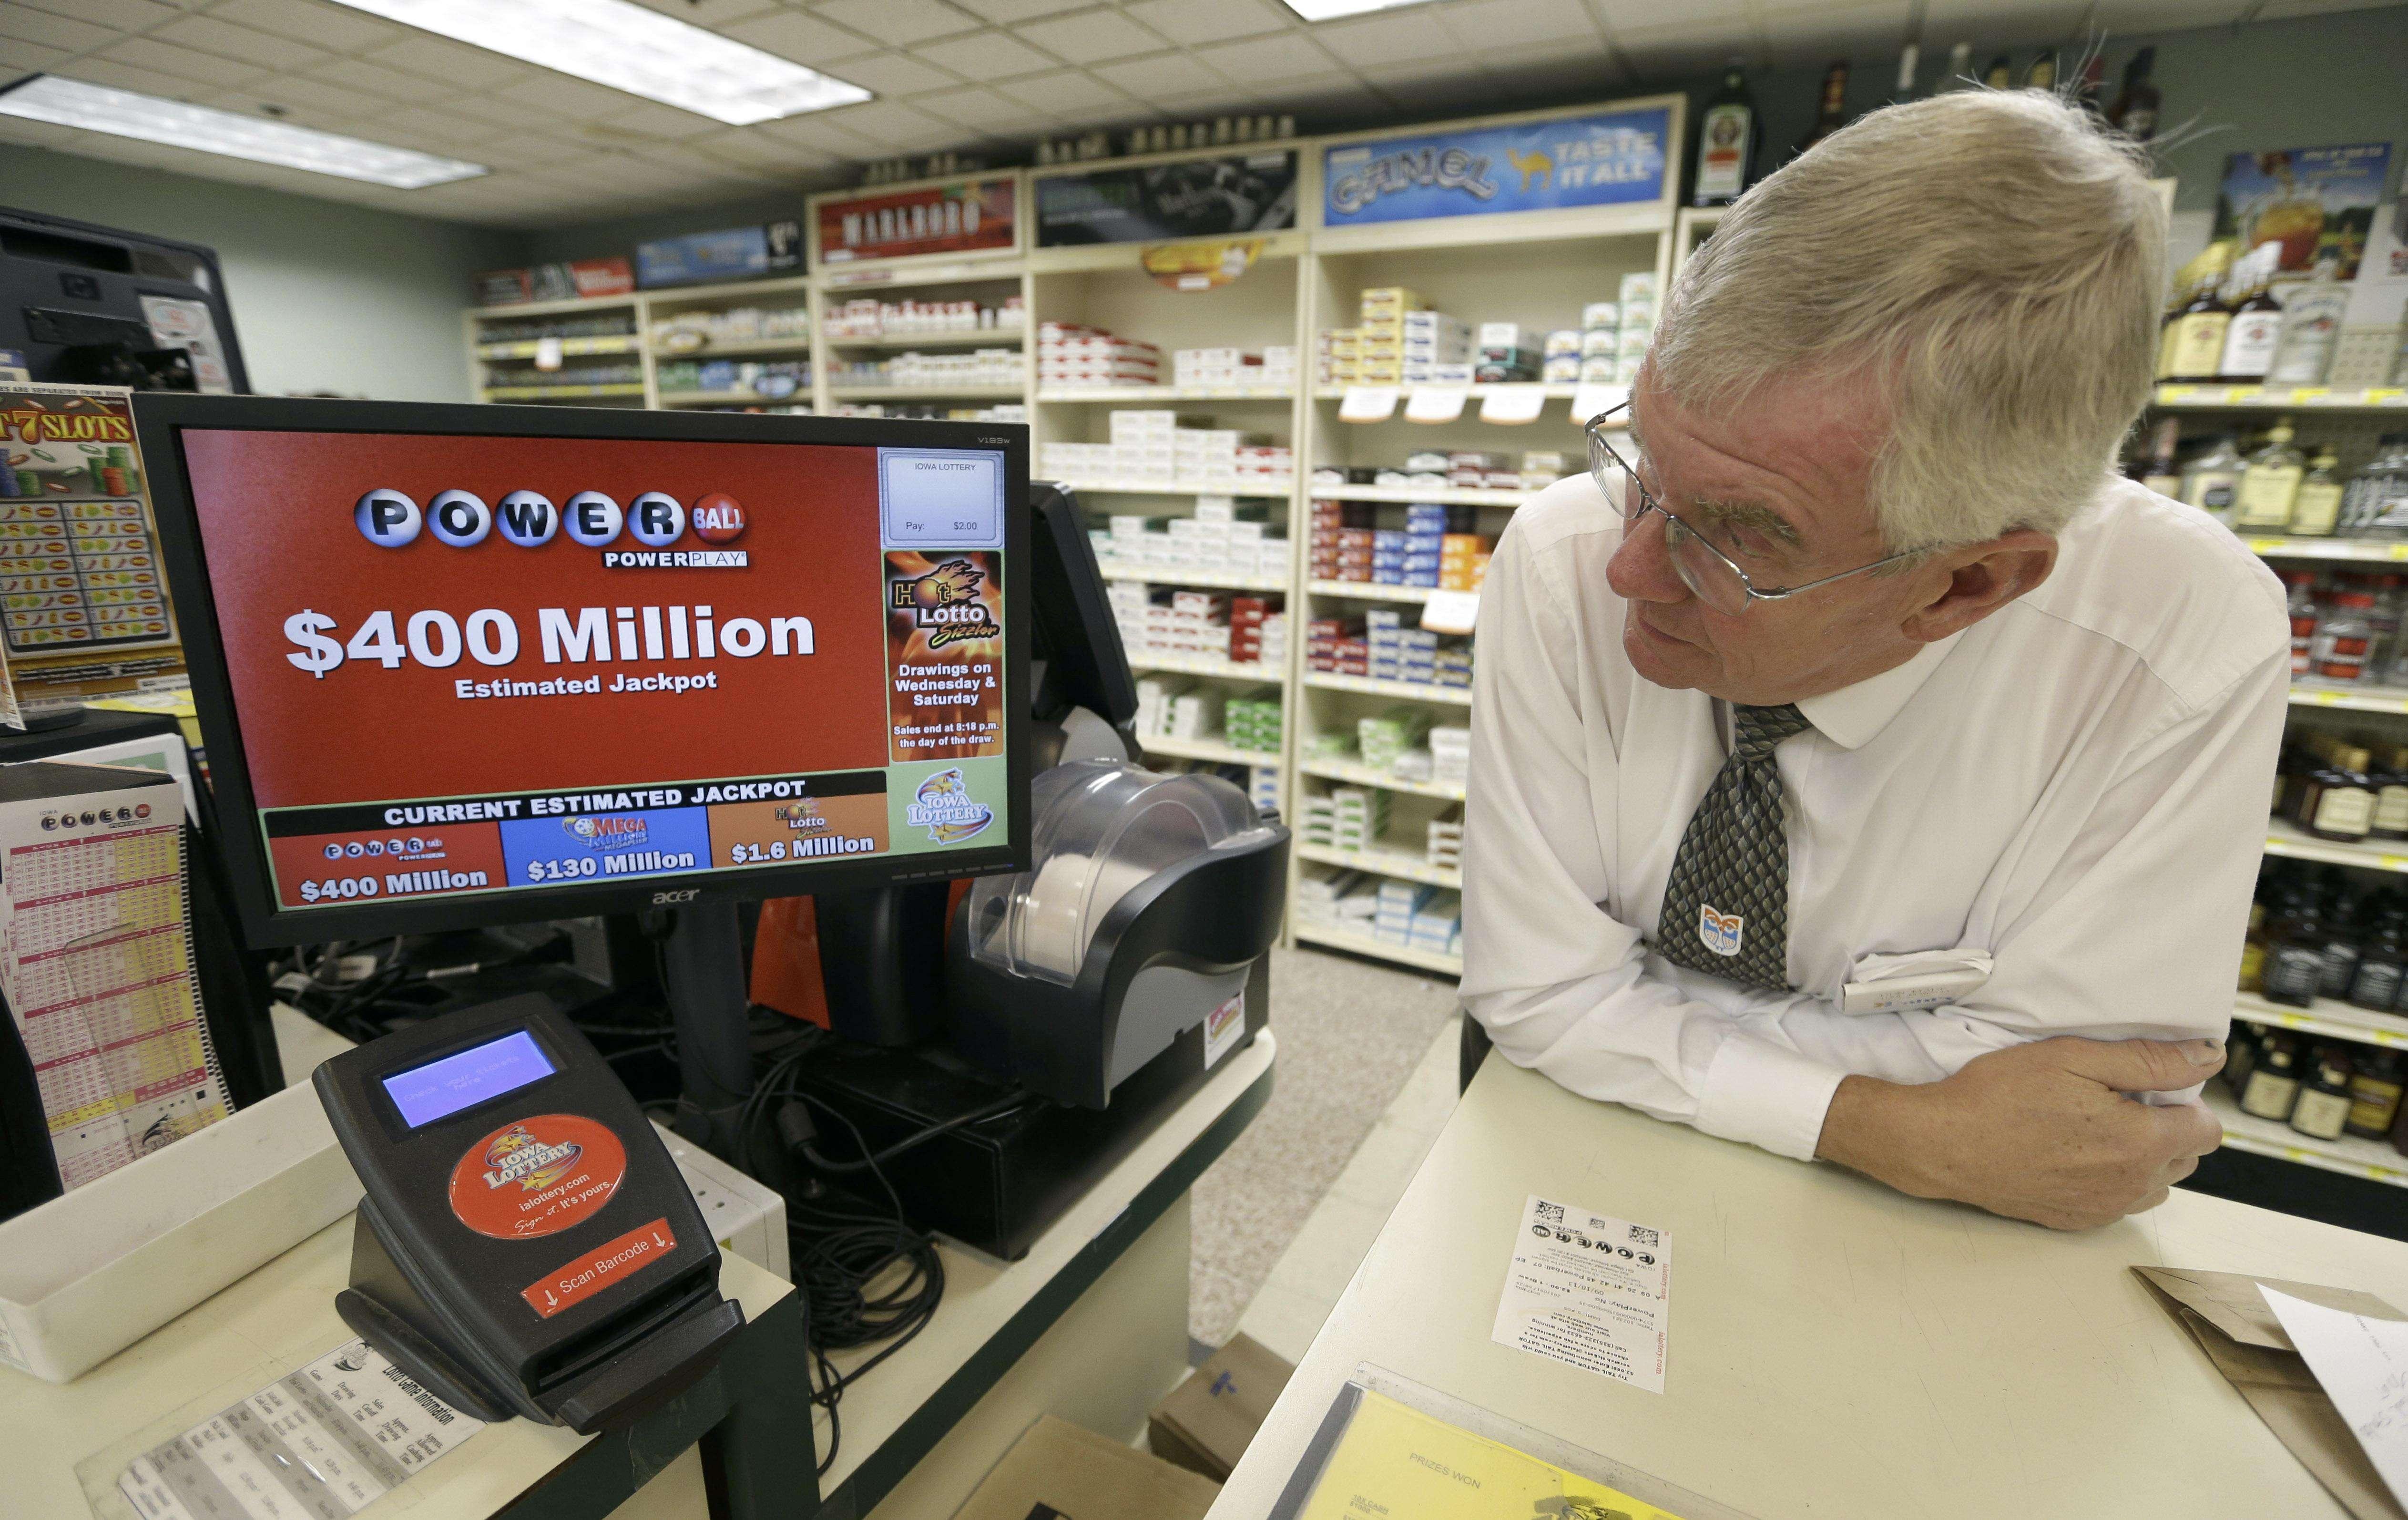 Don Mark observa una pantalla anunciando un premio de 400 millones de dólares de la lotería Powerball en su tienda de comestibles de Des Moines, Iowa, el 17 de septiembre del 2013. Los premios gigantescos --de cientos de millones de dólares-- ya son casi una rutina en las loterías de Estados Unidos. Foto: Charlie Neibergall/AP